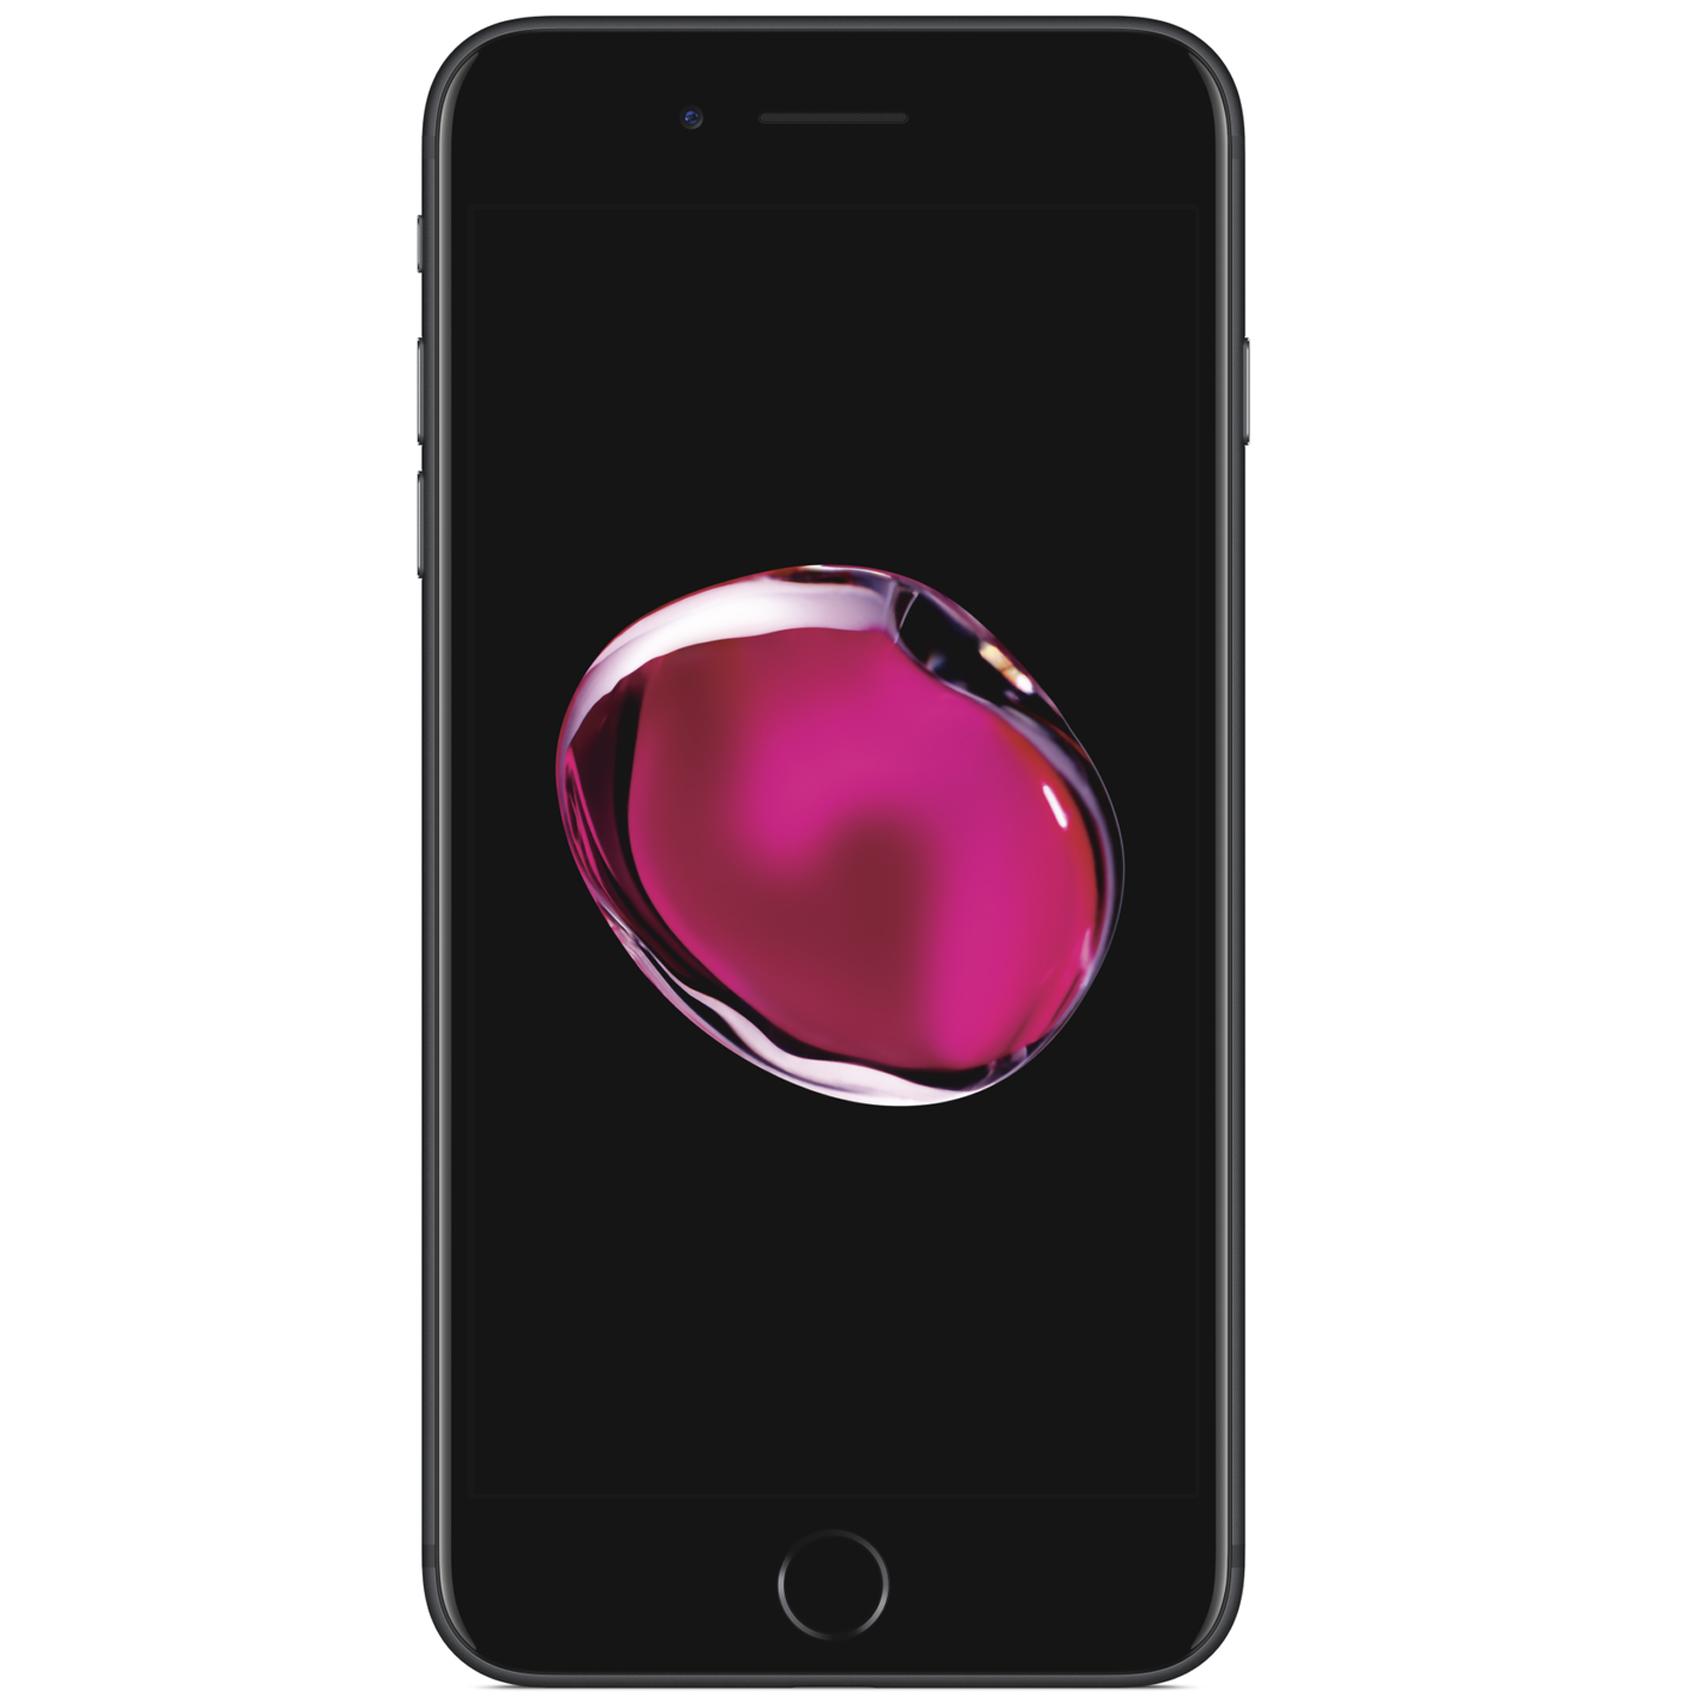 APPLE IPHONE 7P 32GB BLACK